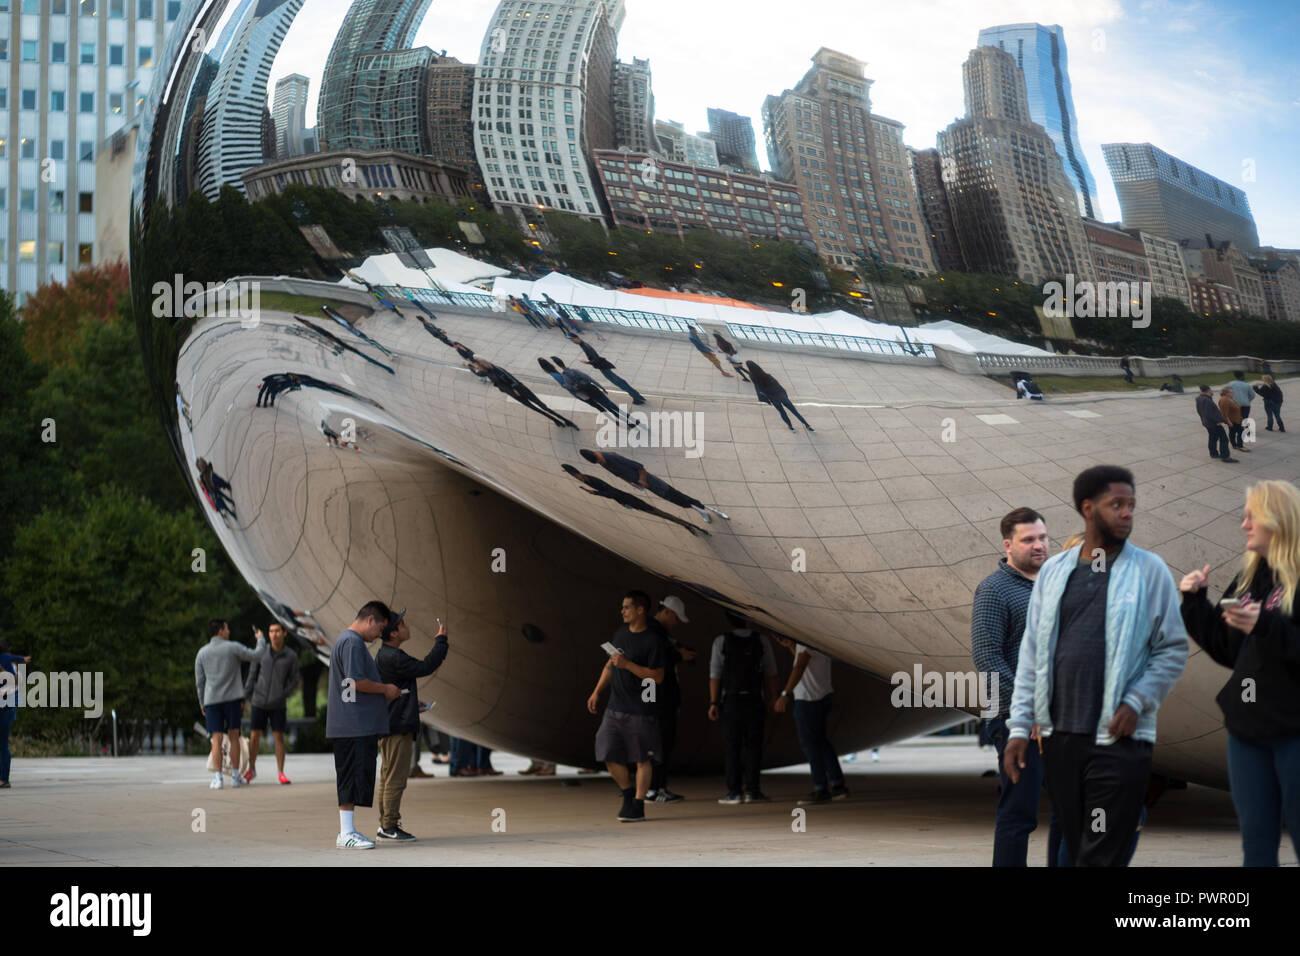 The Bean - Cloud Gate - Millennium Park - Chicago, IL - Stock Image